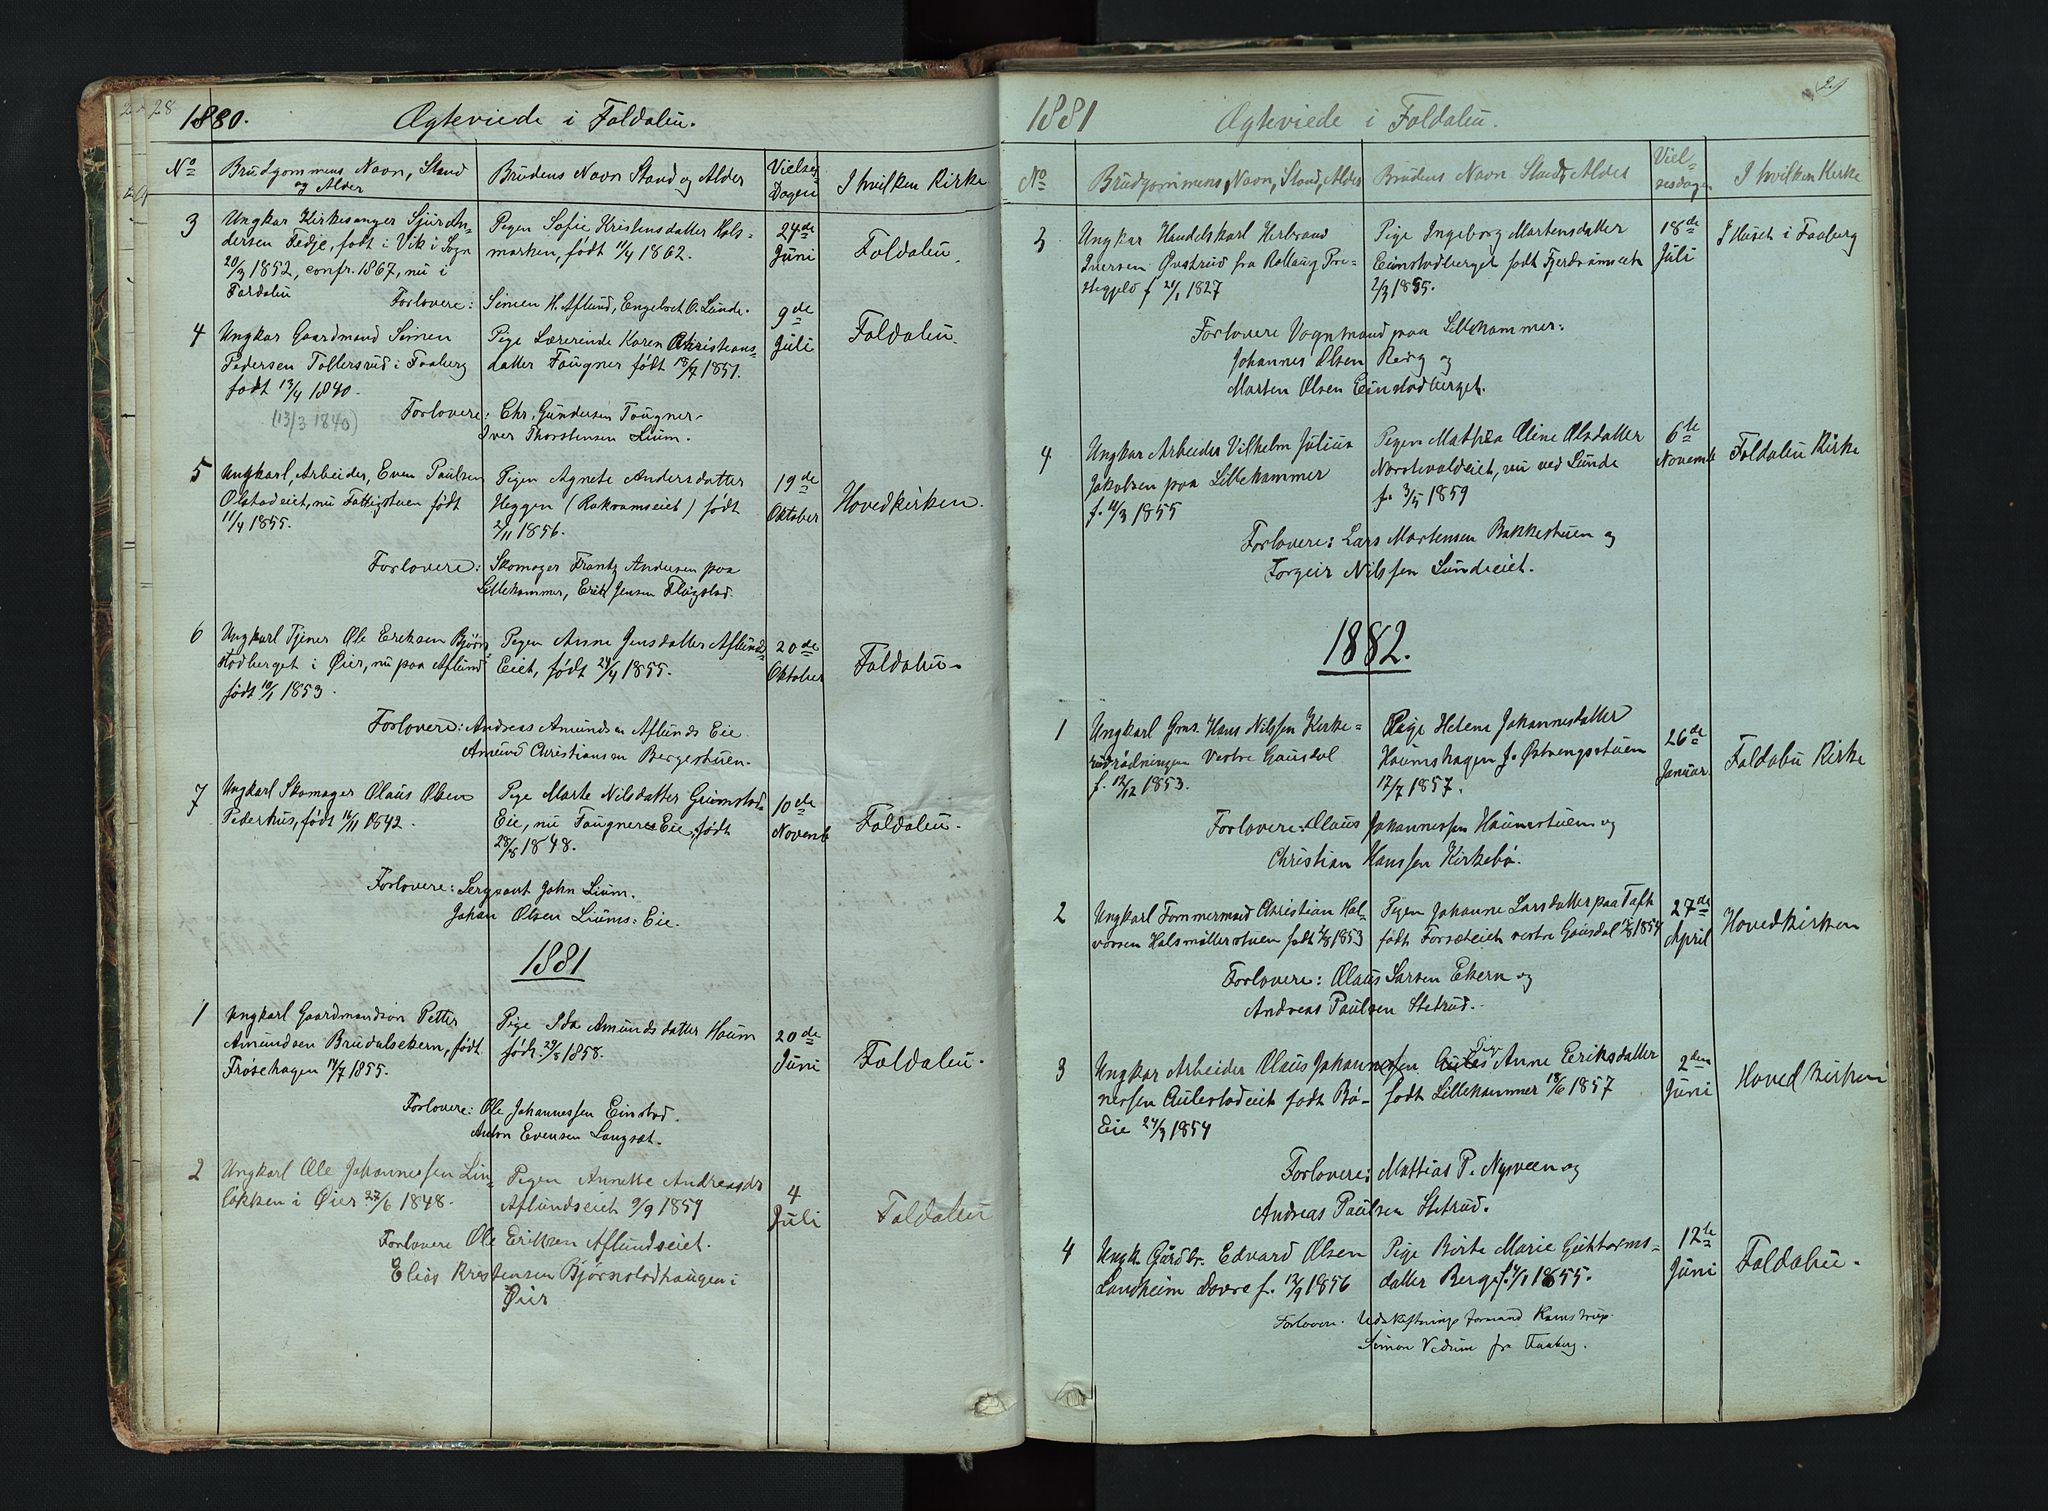 SAH, Gausdal prestekontor, Klokkerbok nr. 6, 1846-1893, s. 28-29